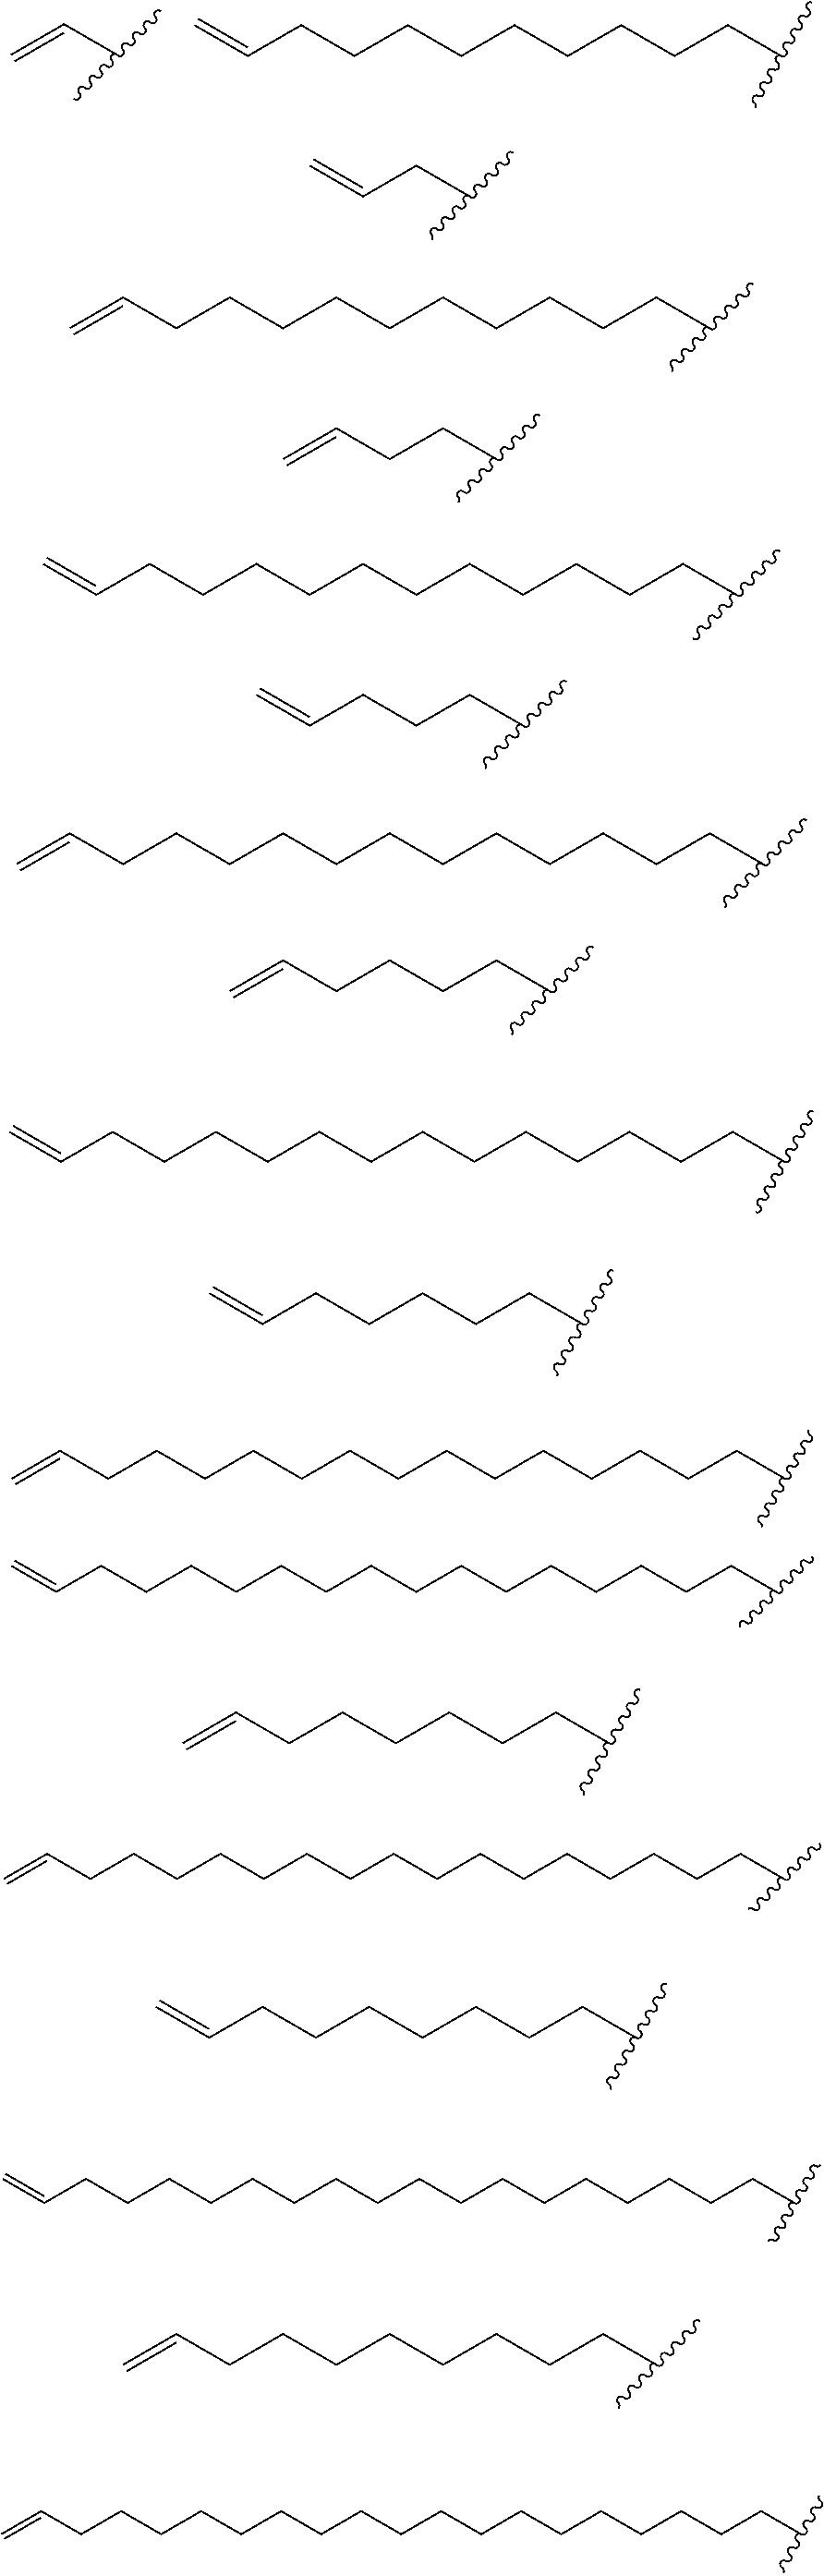 Figure US10286082-20190514-C00056